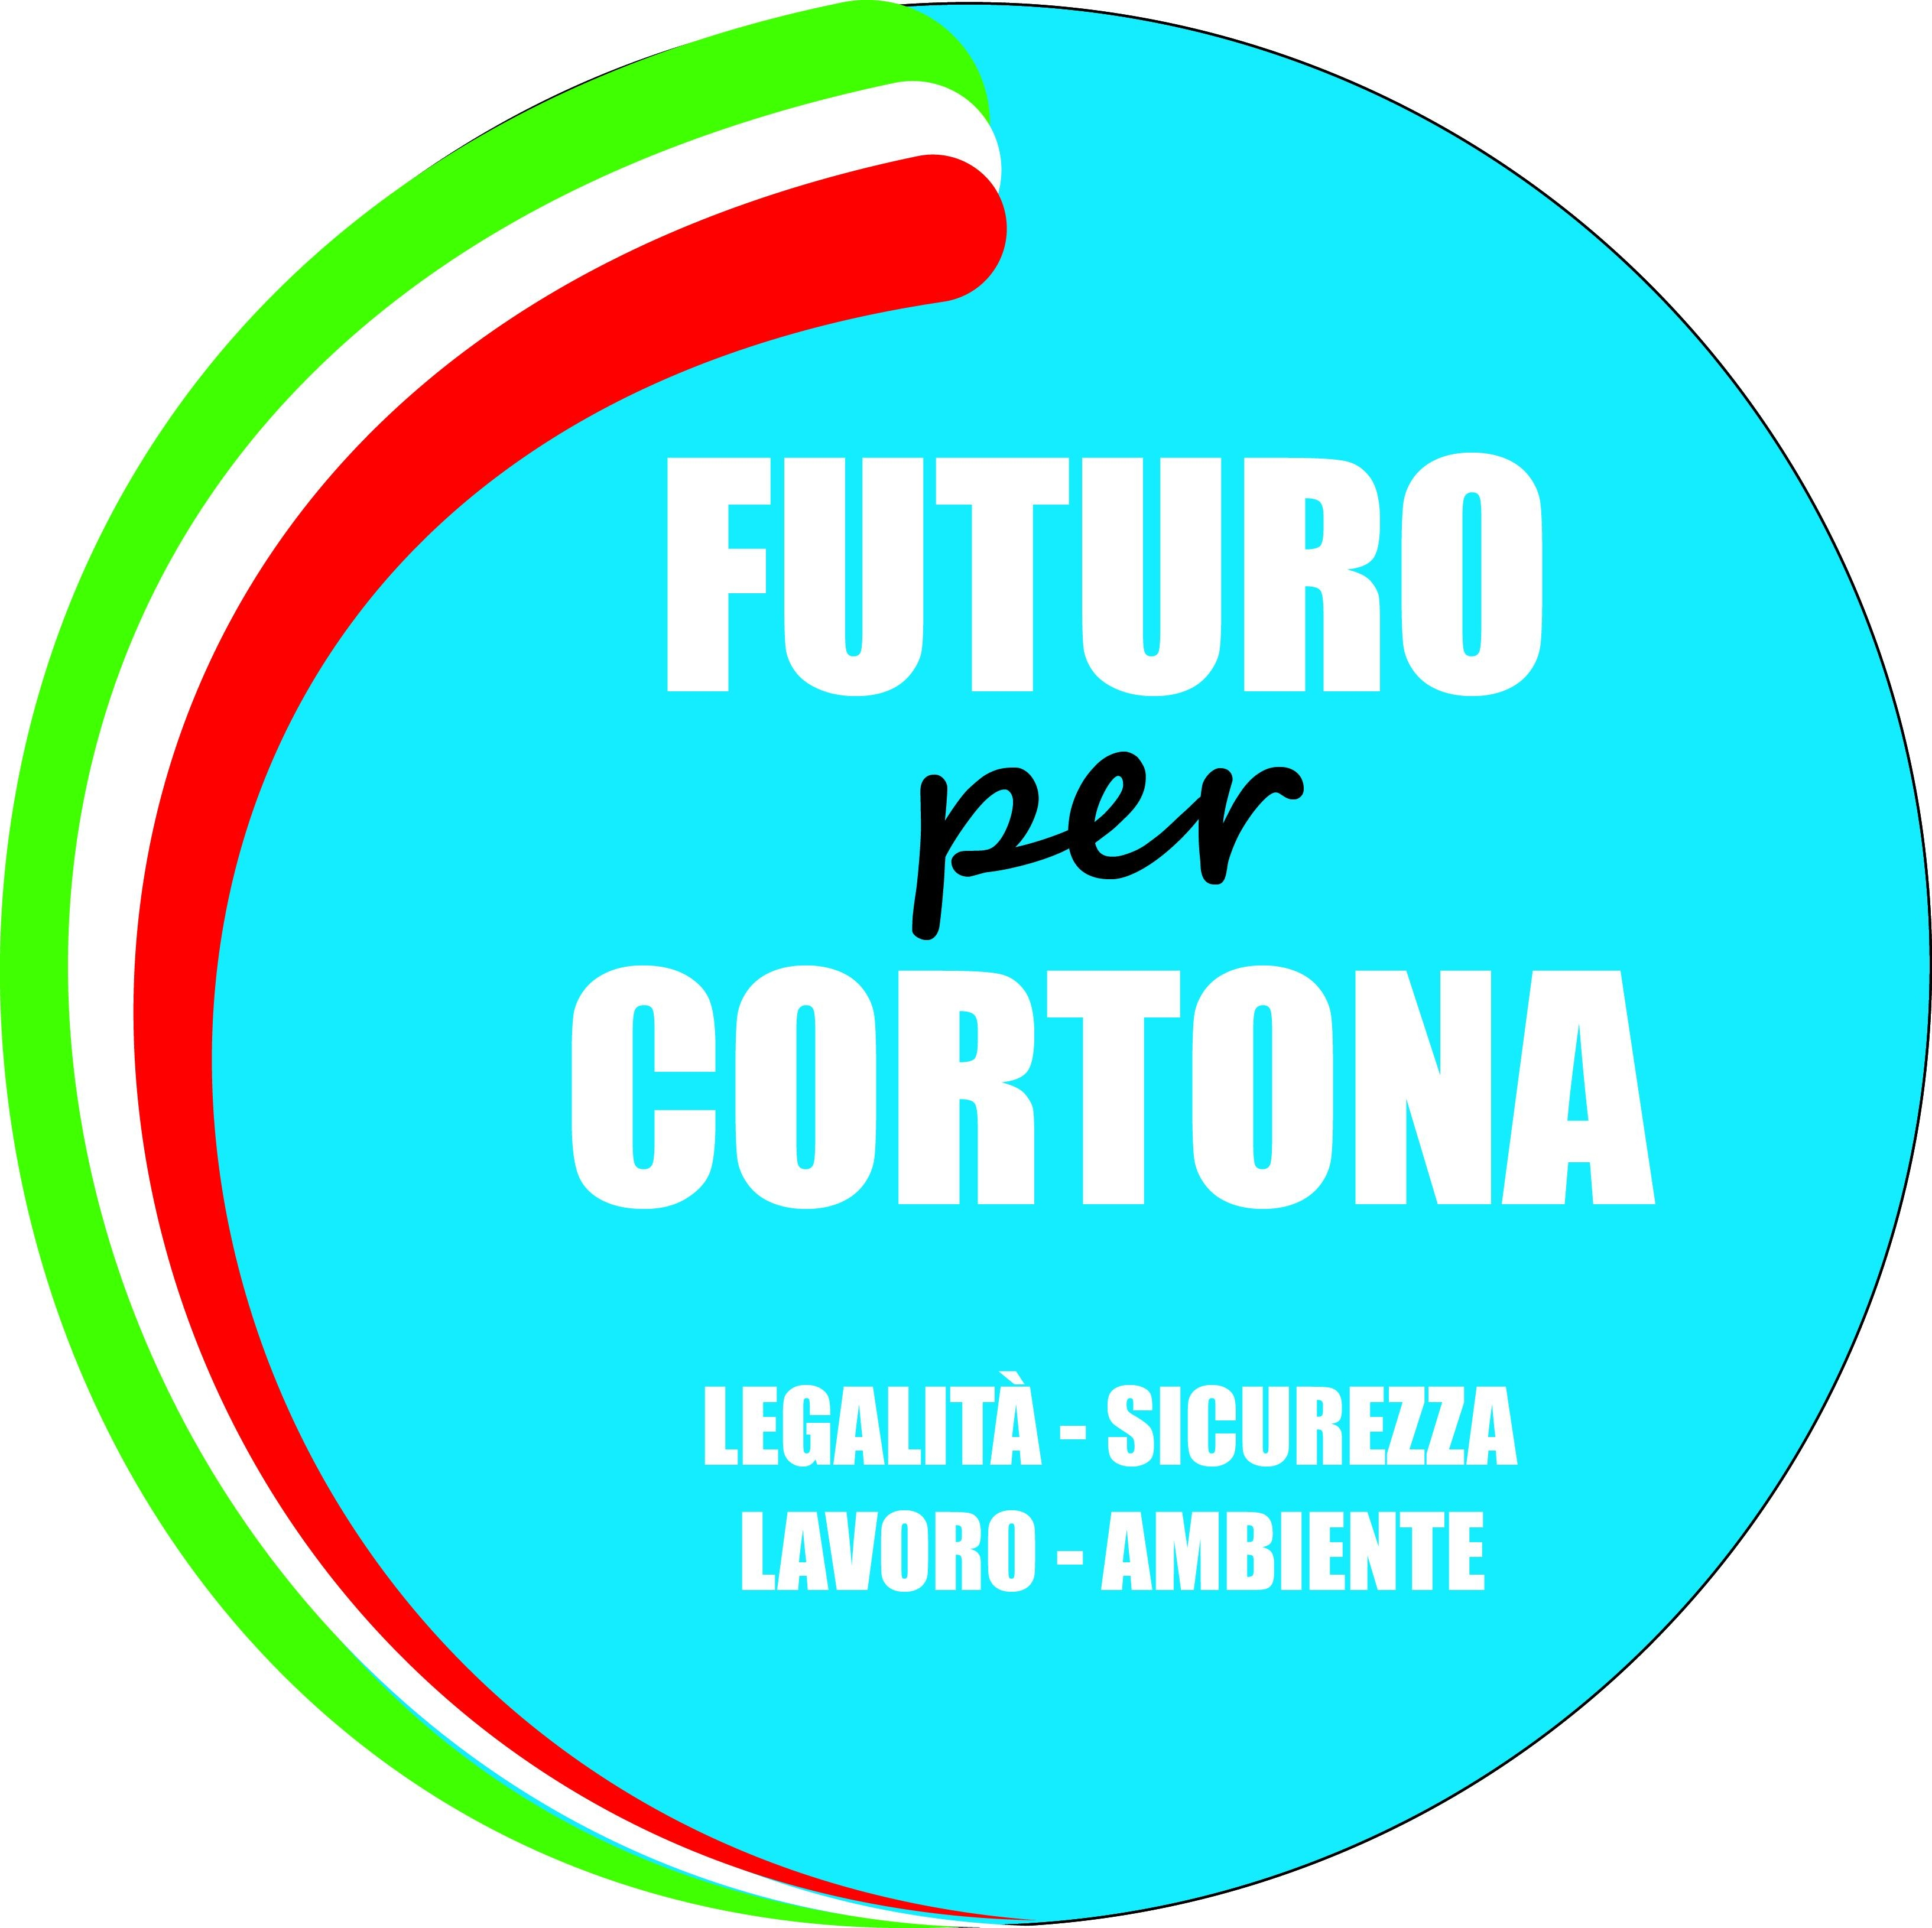 Futuro per Cortona presenta una serata per gli artisti cortonesi